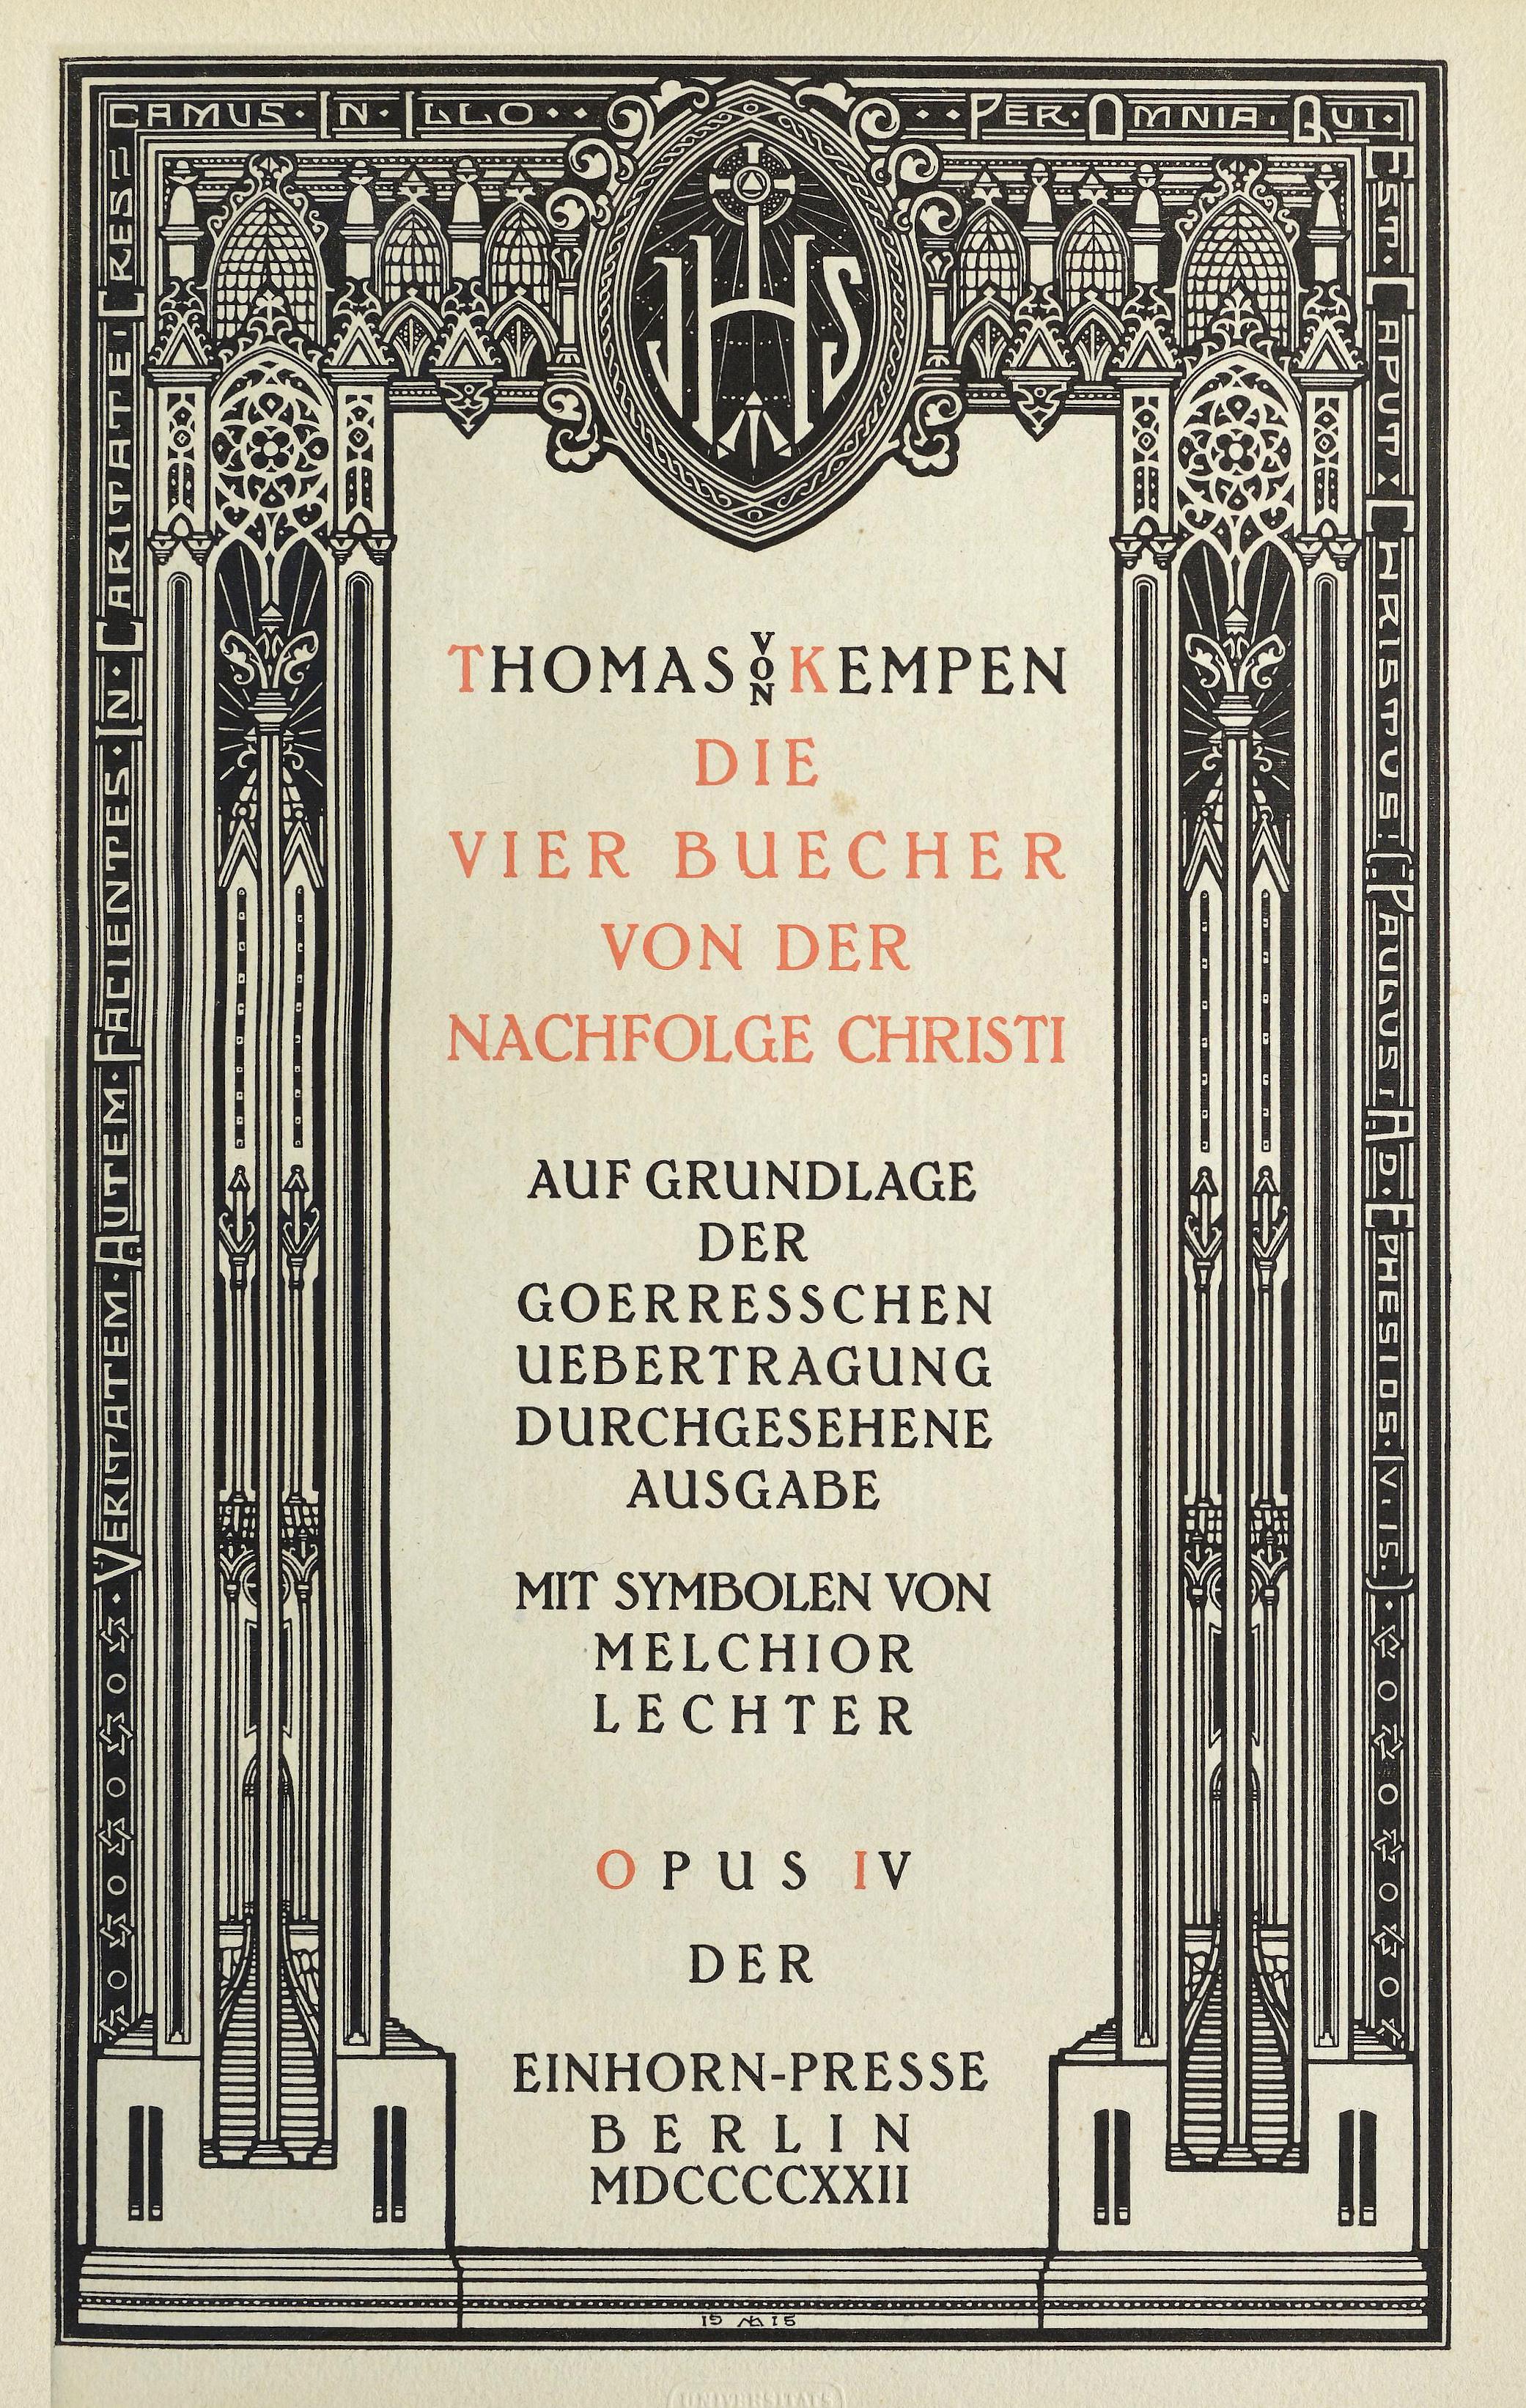 Melchior Lechter - Die vier Bücher von der Nachfolge Christi (1922) p 7